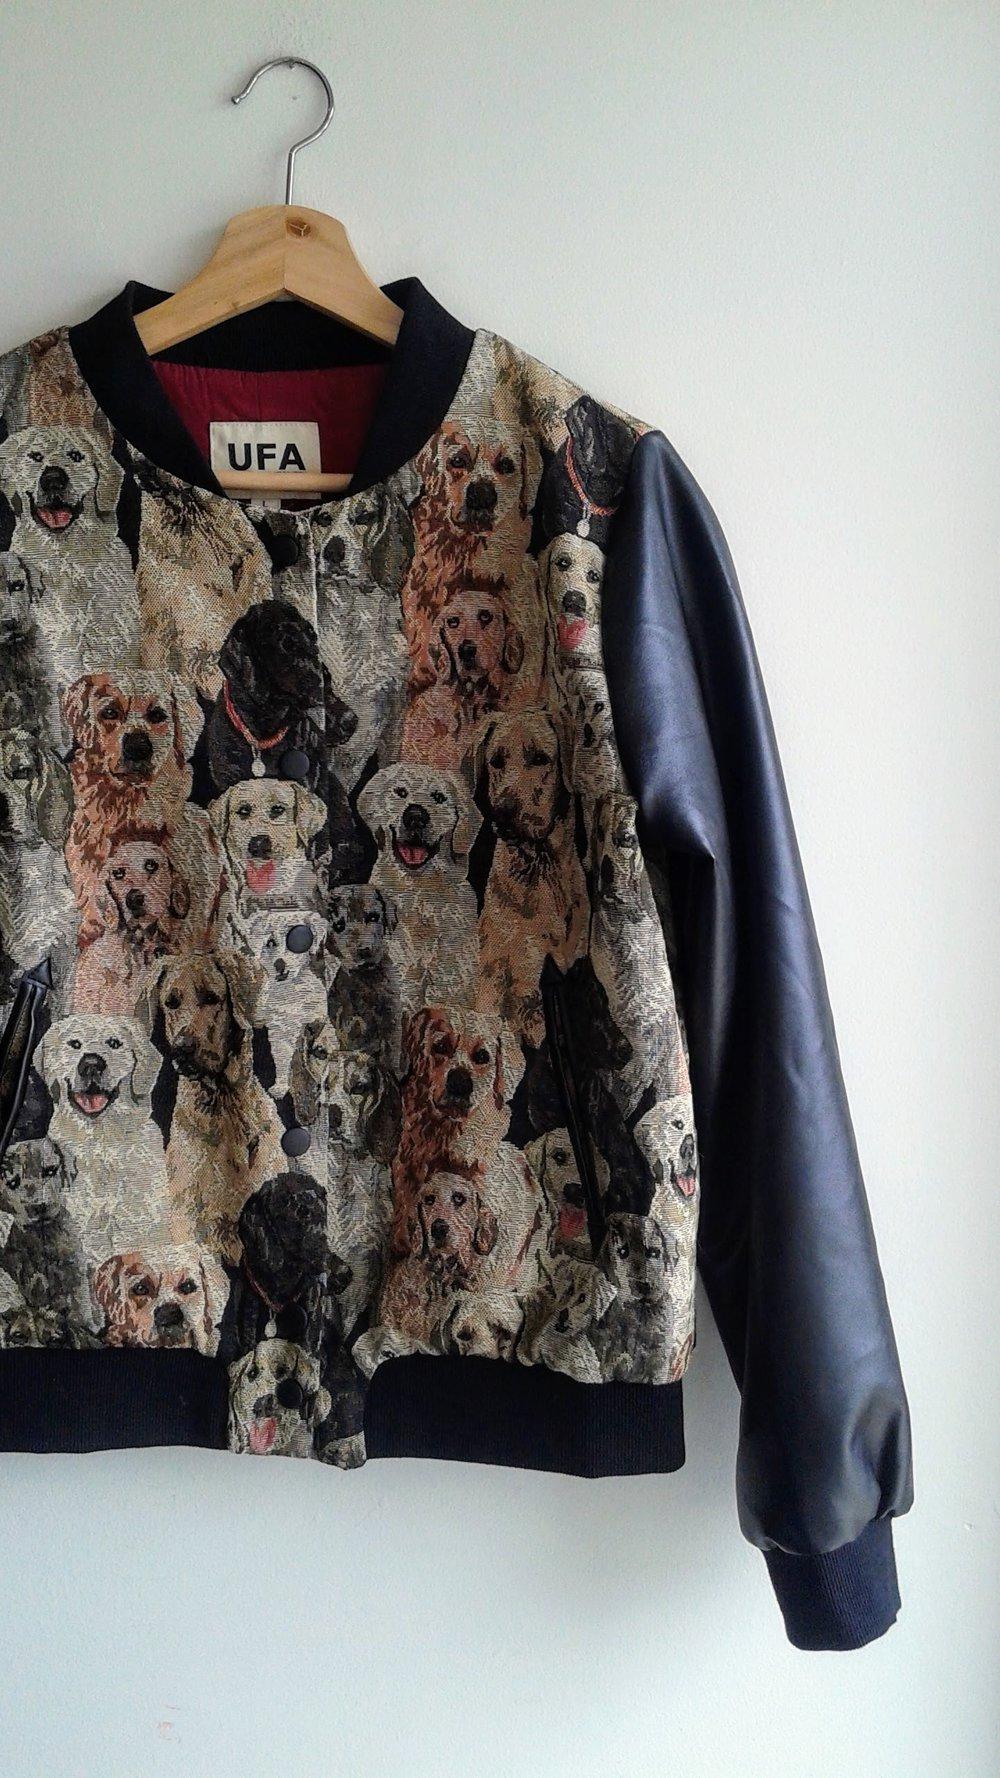 UFA coat; Size M/L, $40